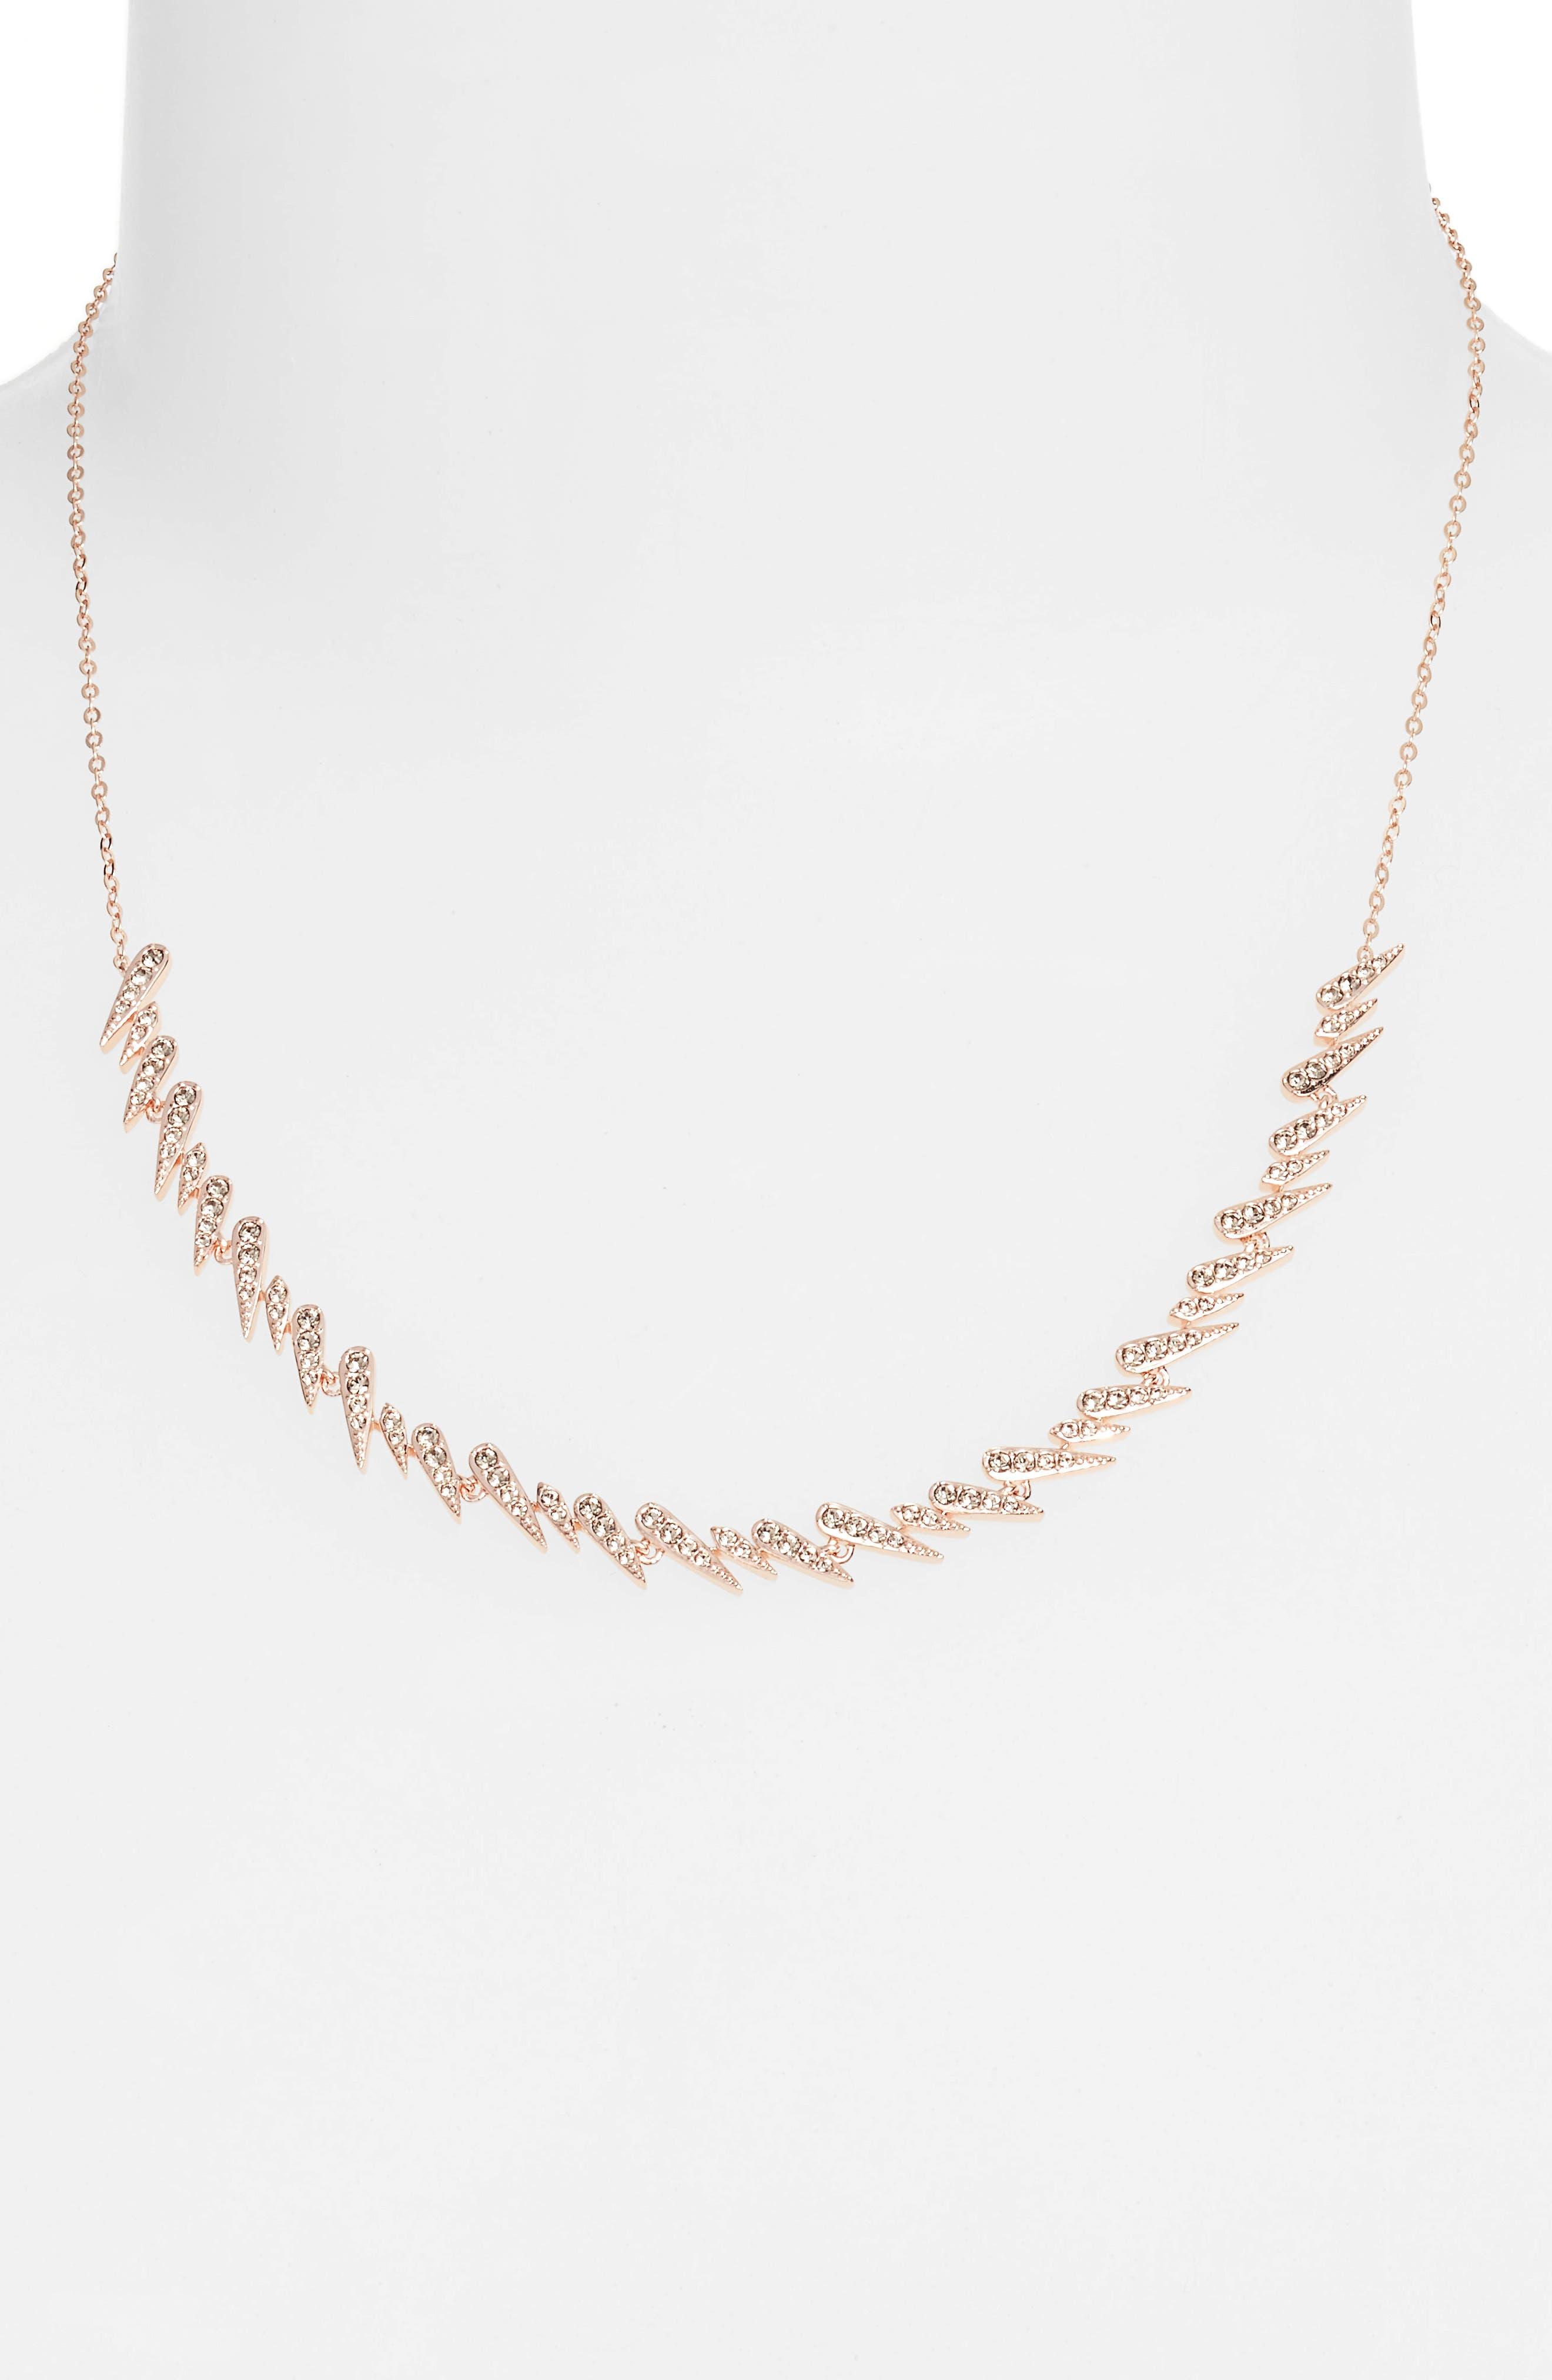 Nadri Jewelry Nordstrom